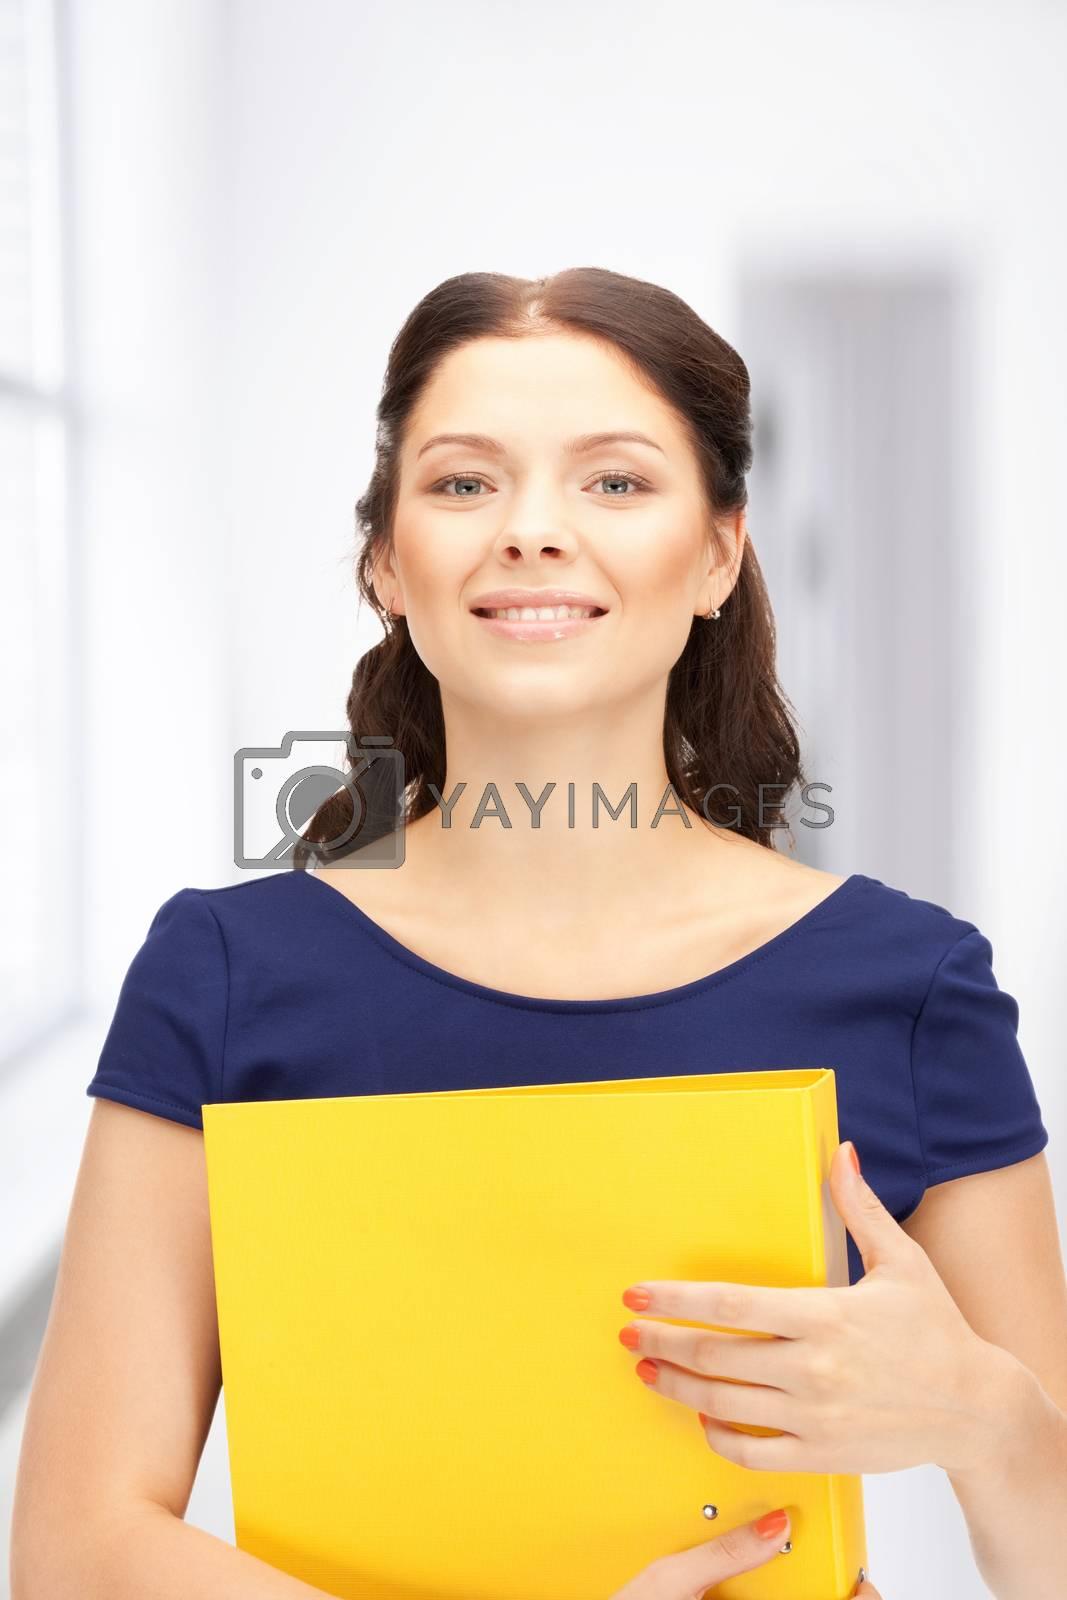 woman with folders by dolgachov